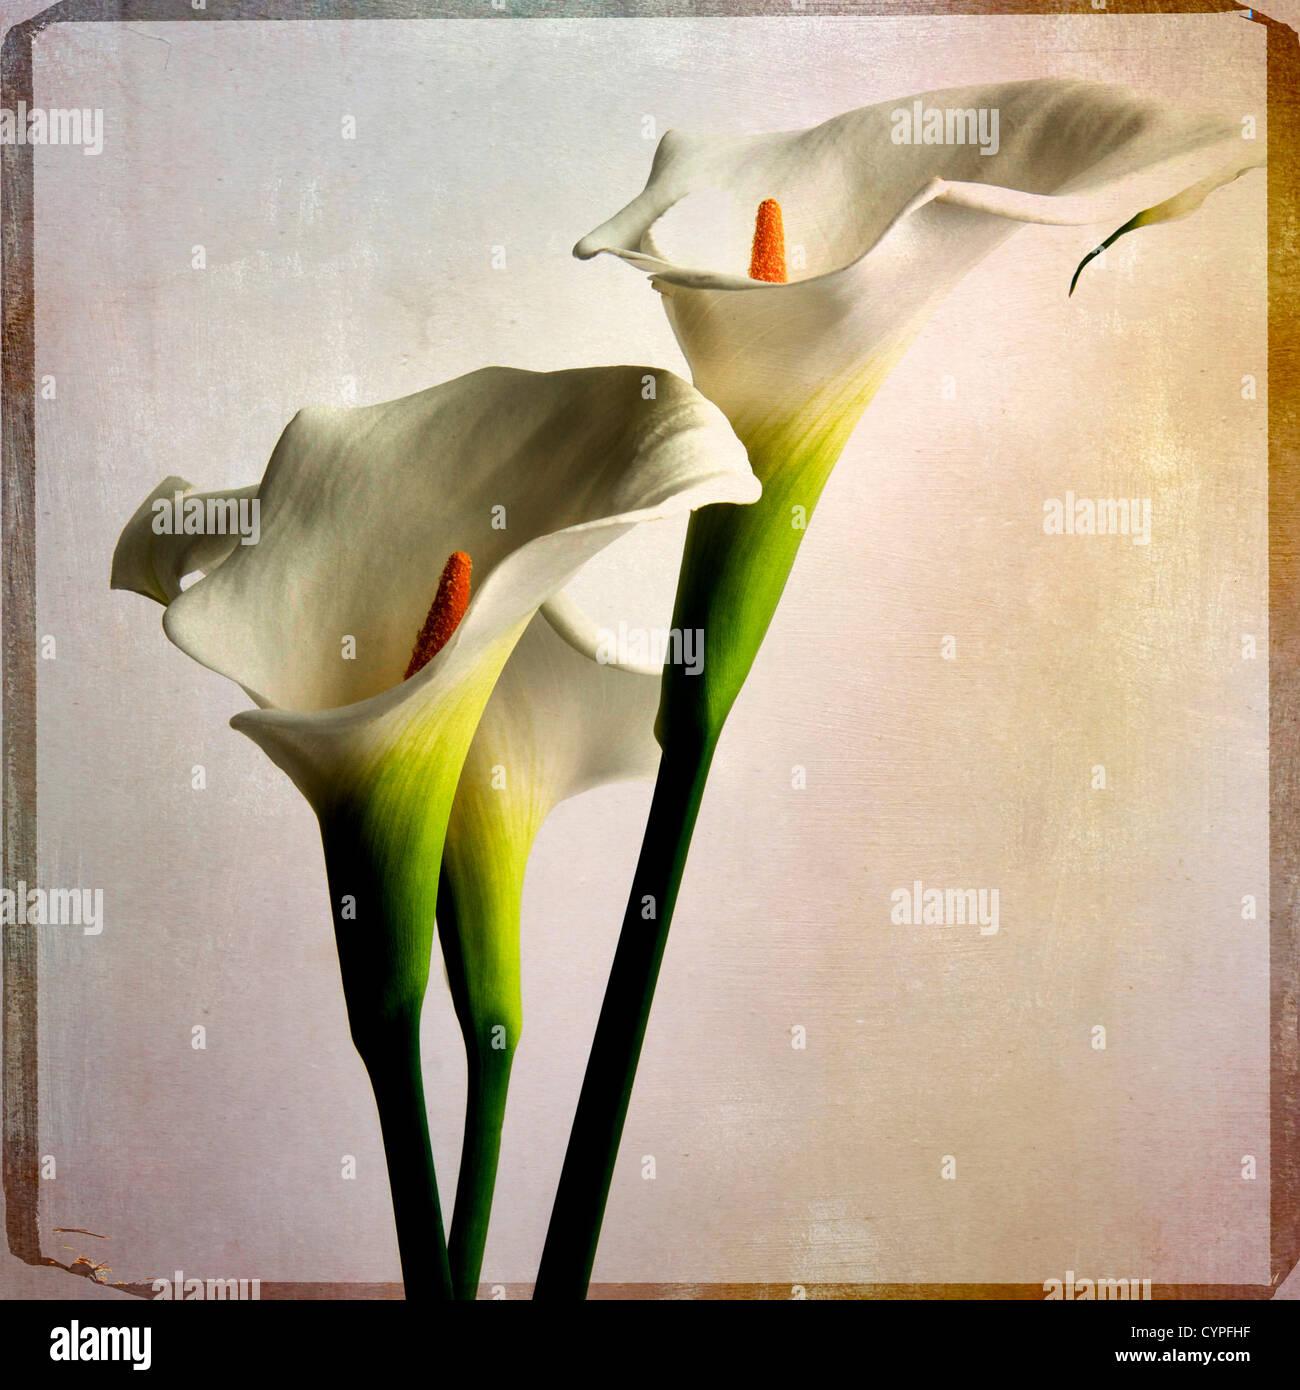 Texture per illustrazione e fotografia da Flypaper texture Immagini Stock